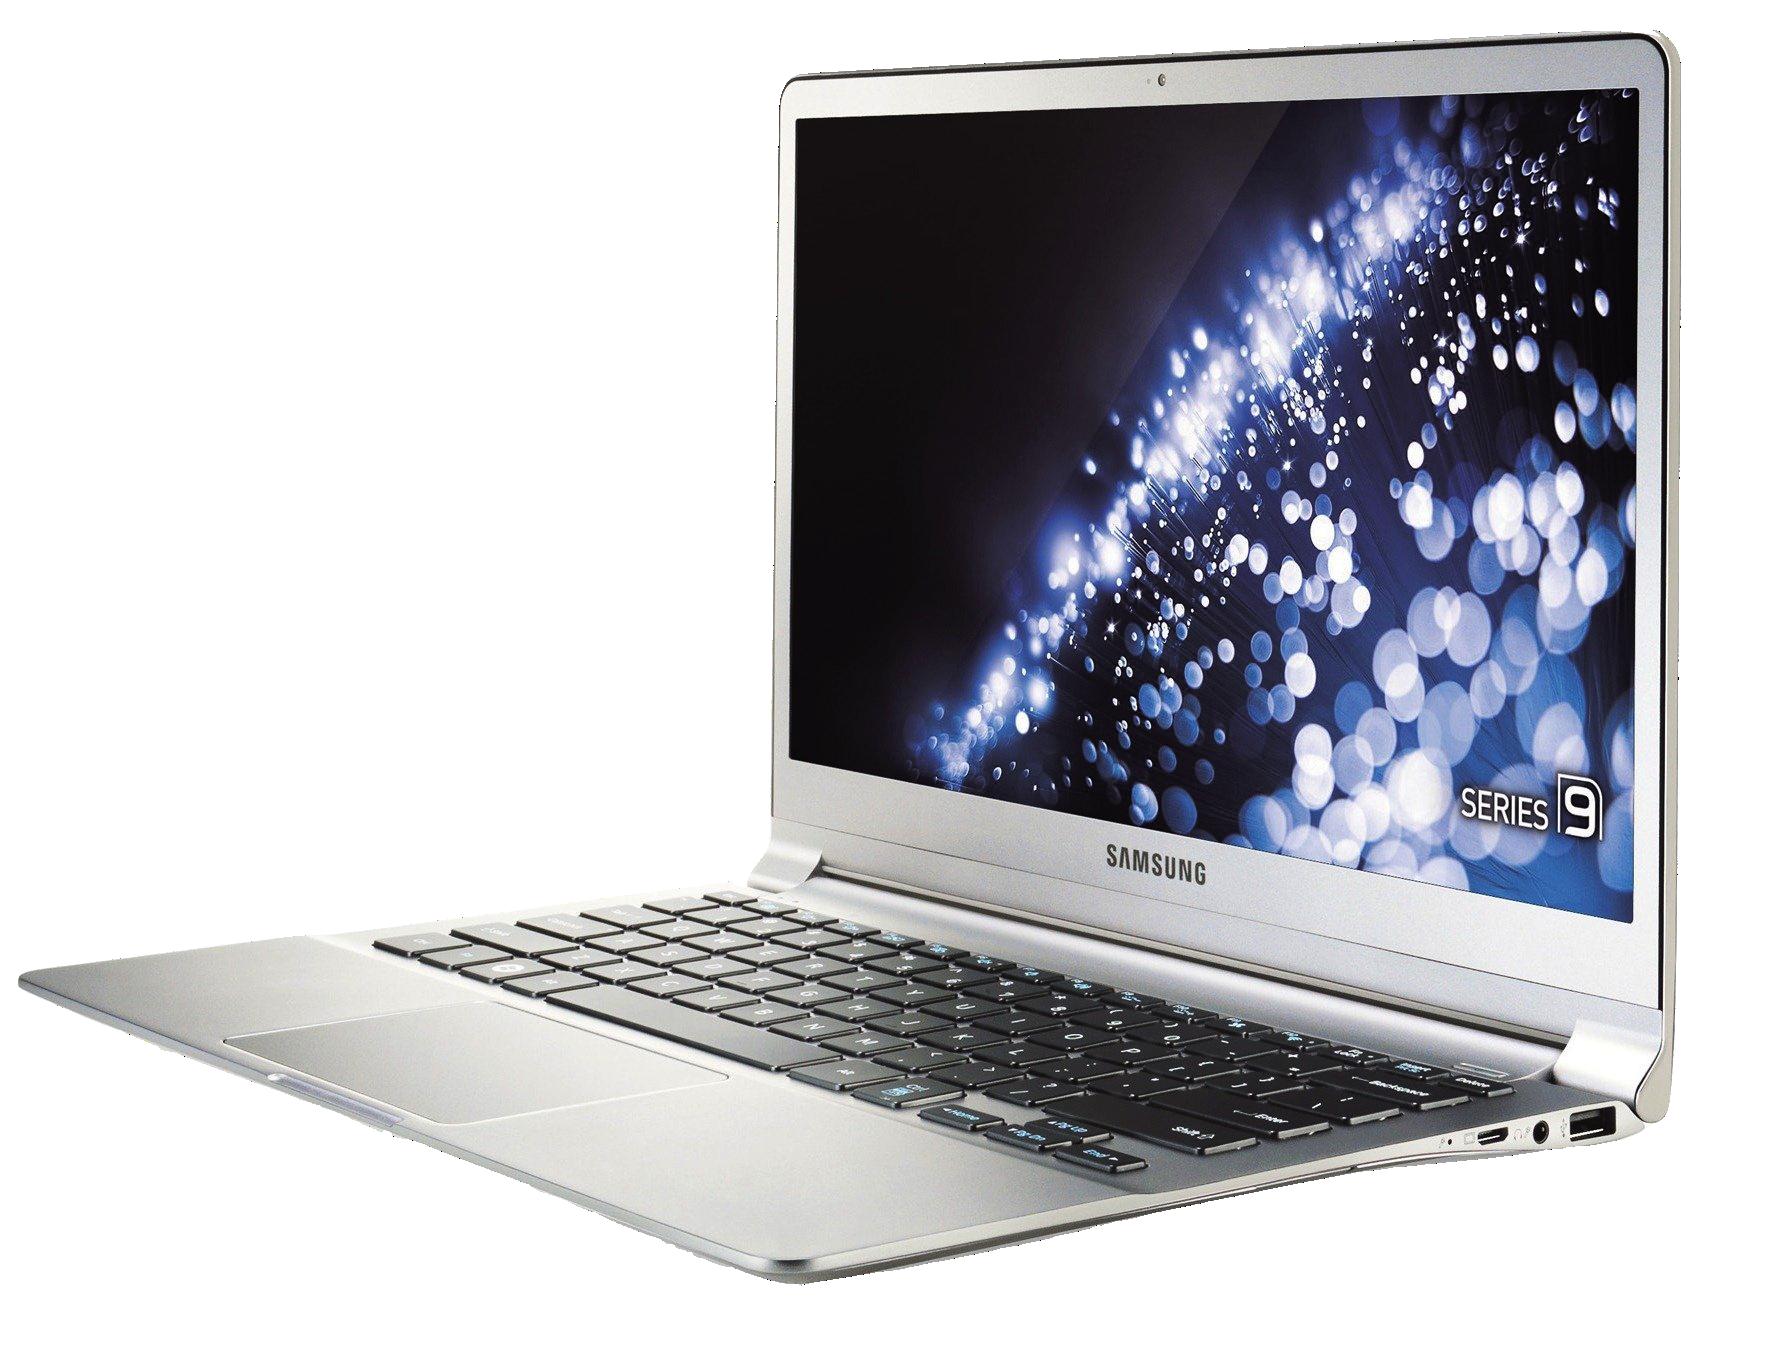 Website clipart laptop. Laptops png picture web